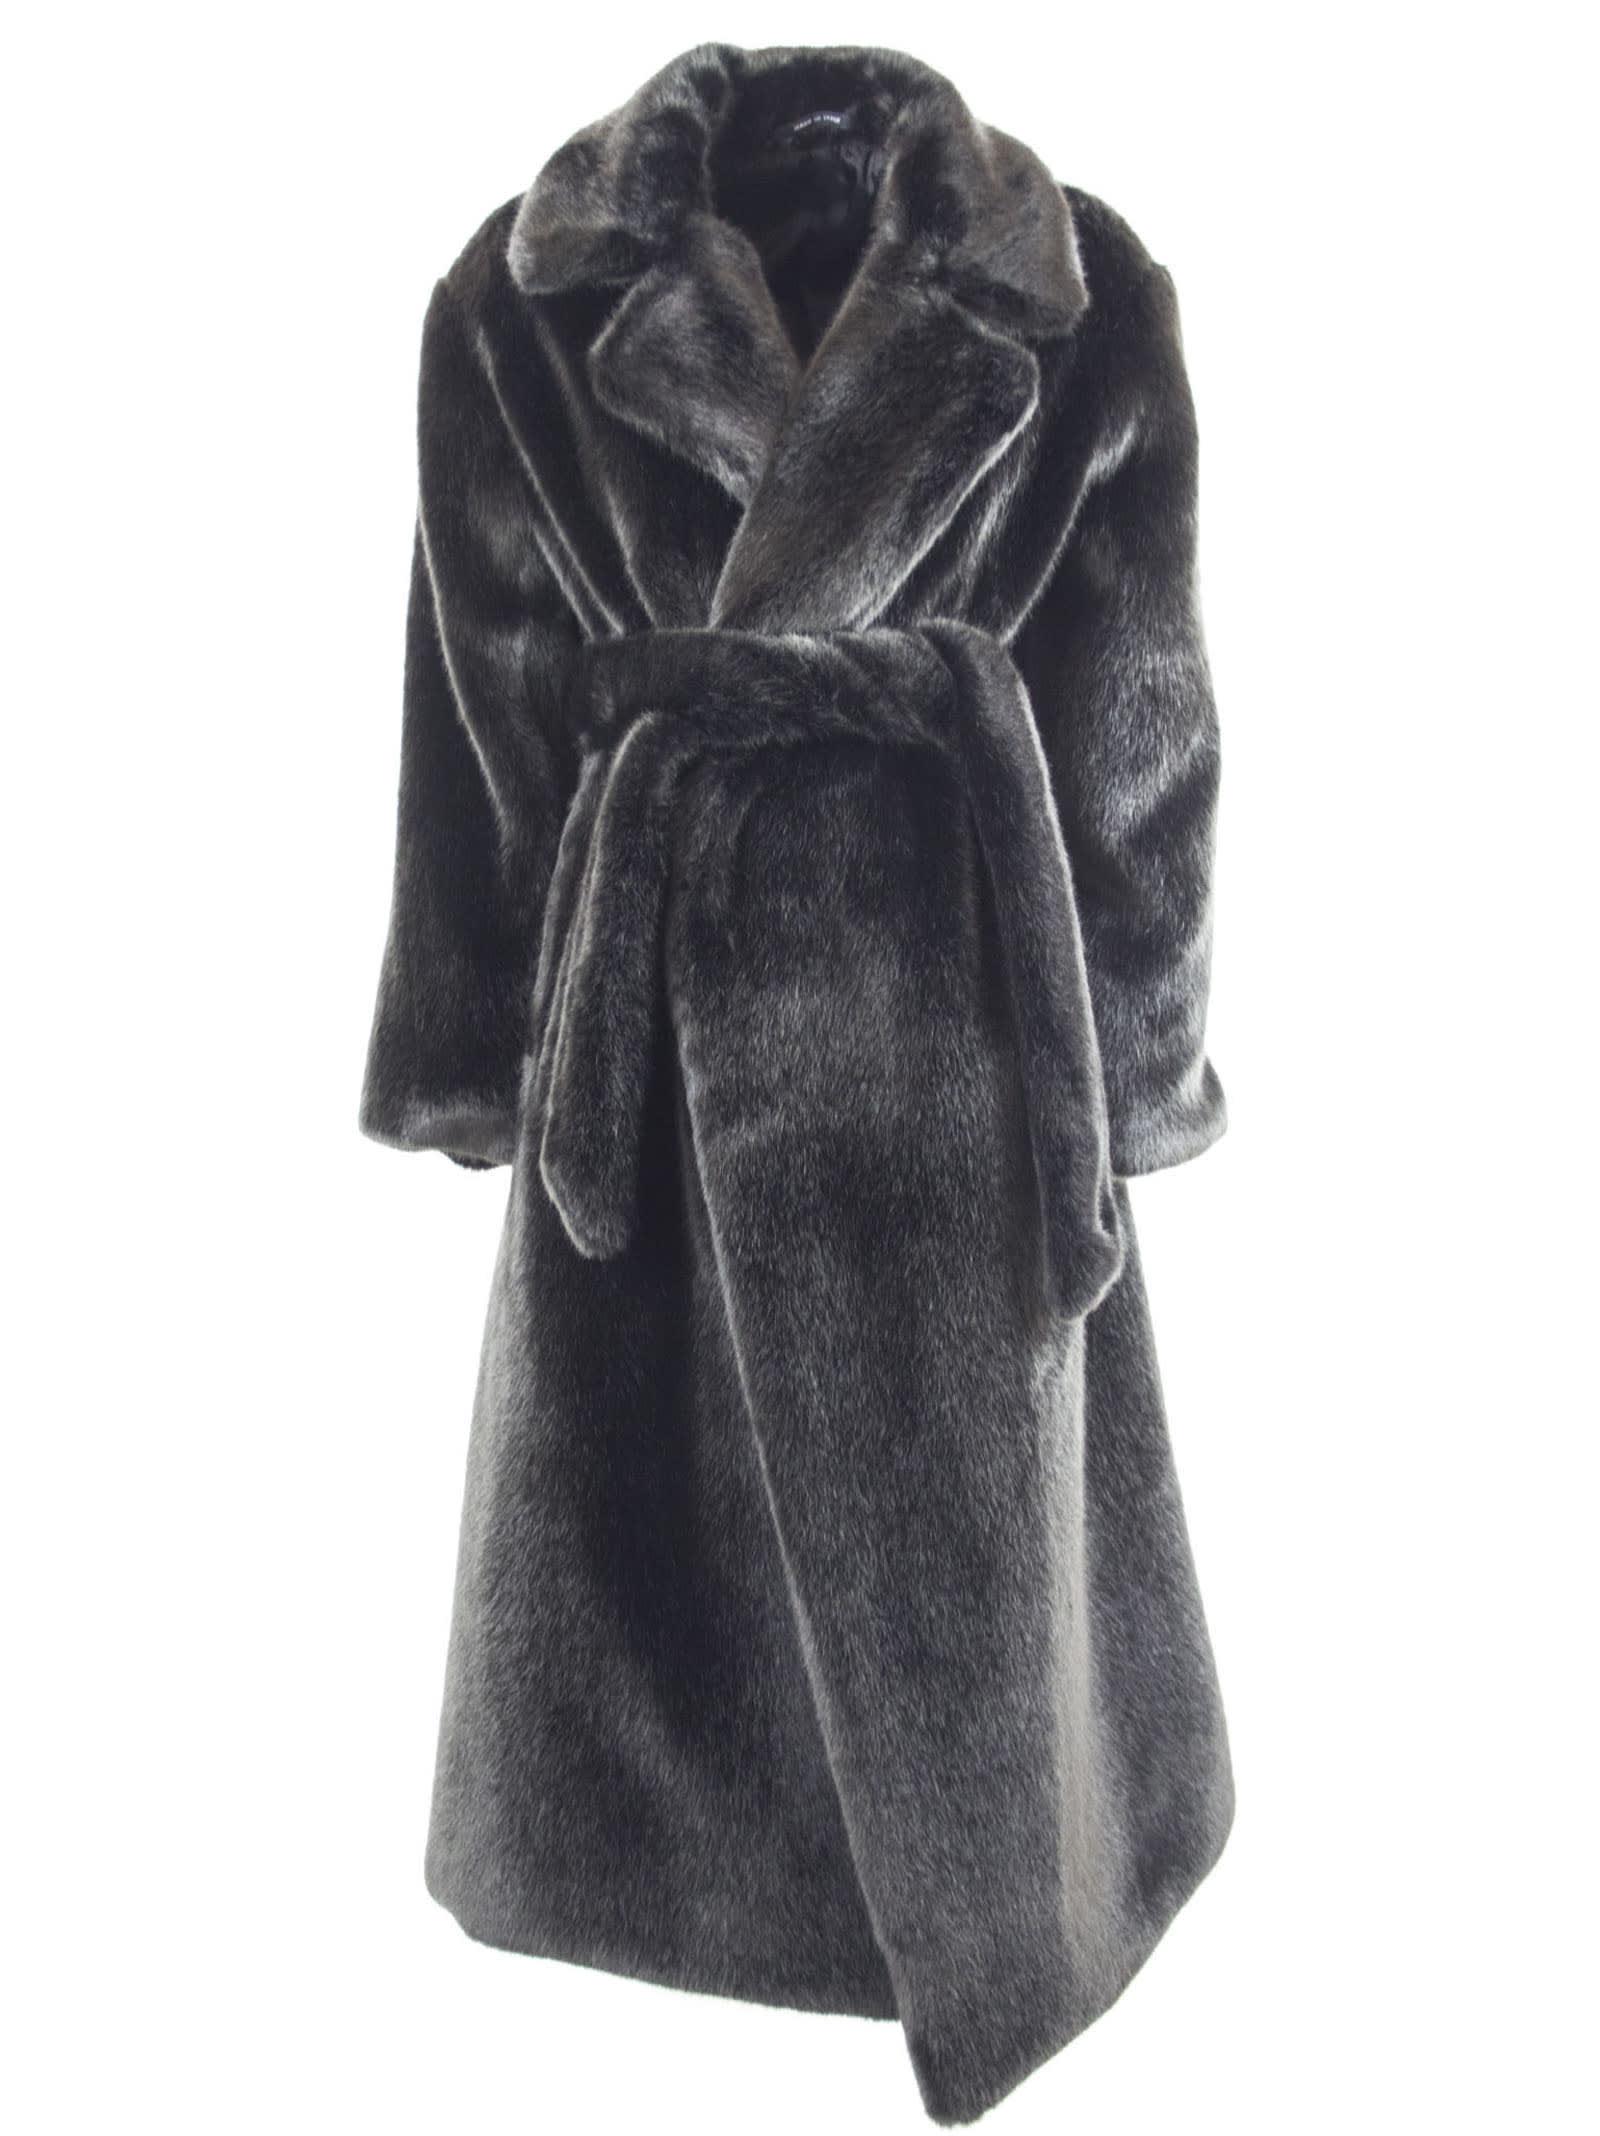 Tagliatore Molly Faux-fur Coat